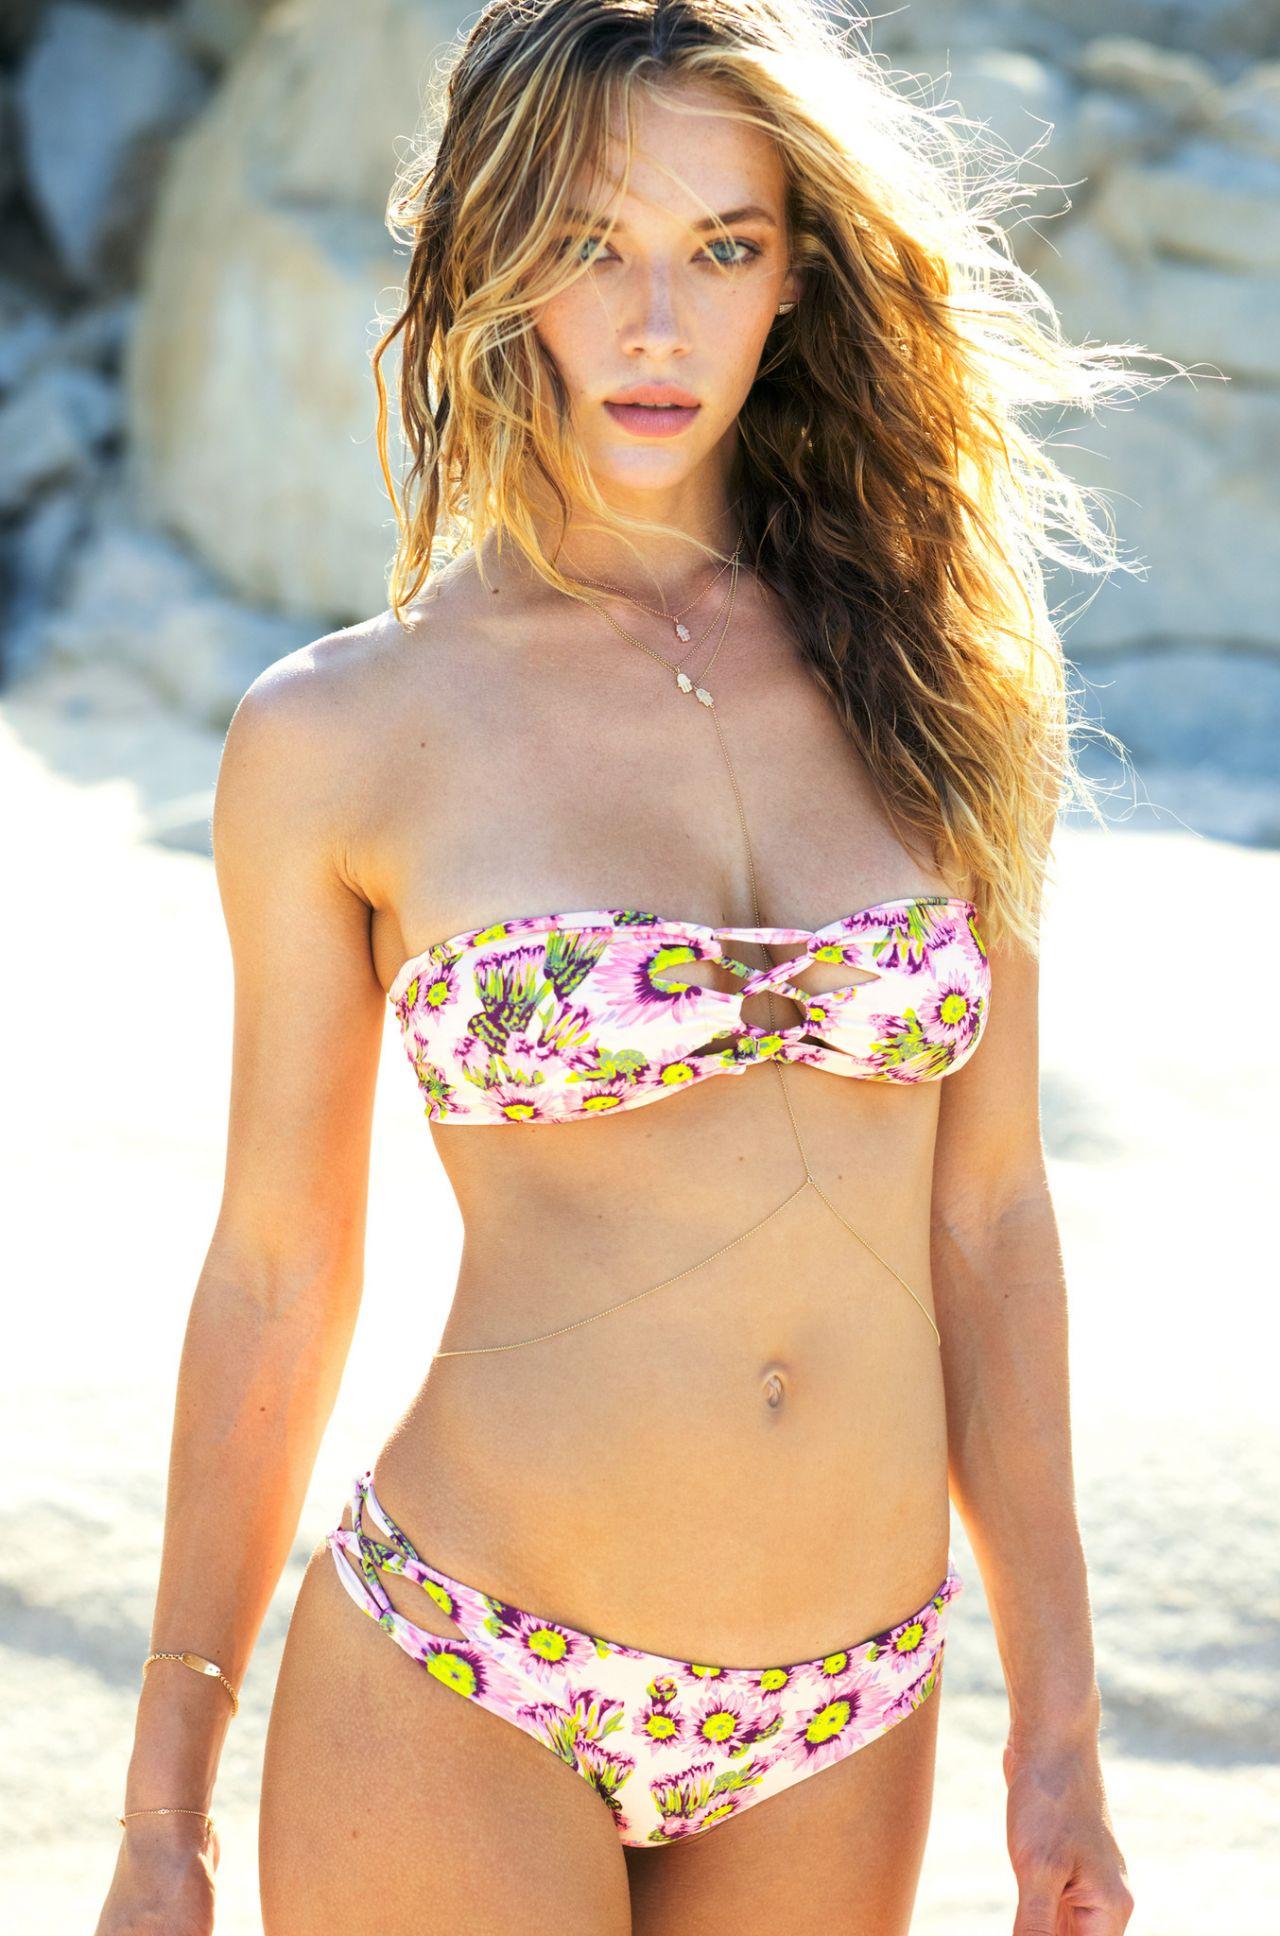 Hannah Ferguson Bikini Photoshoot